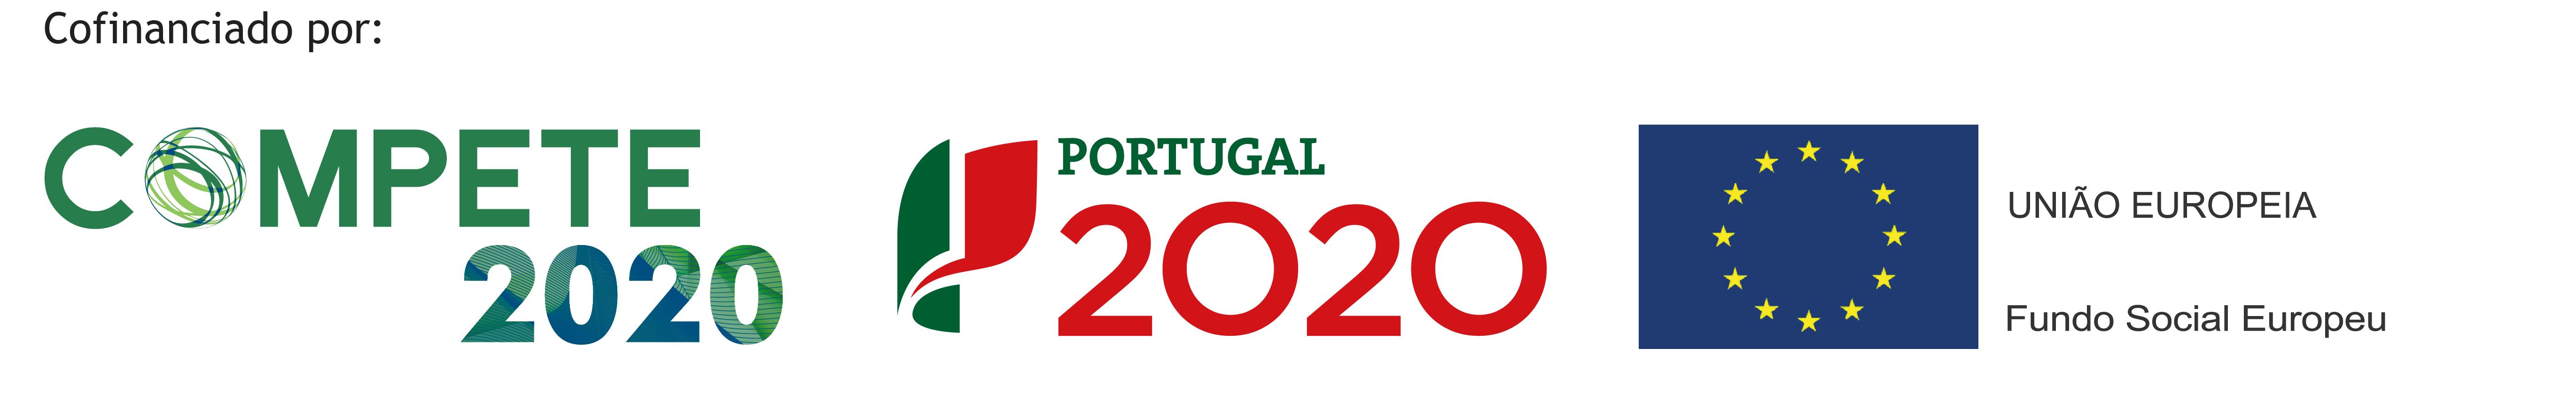 Resultado de imagem para compete 2020 + fundo social europeu